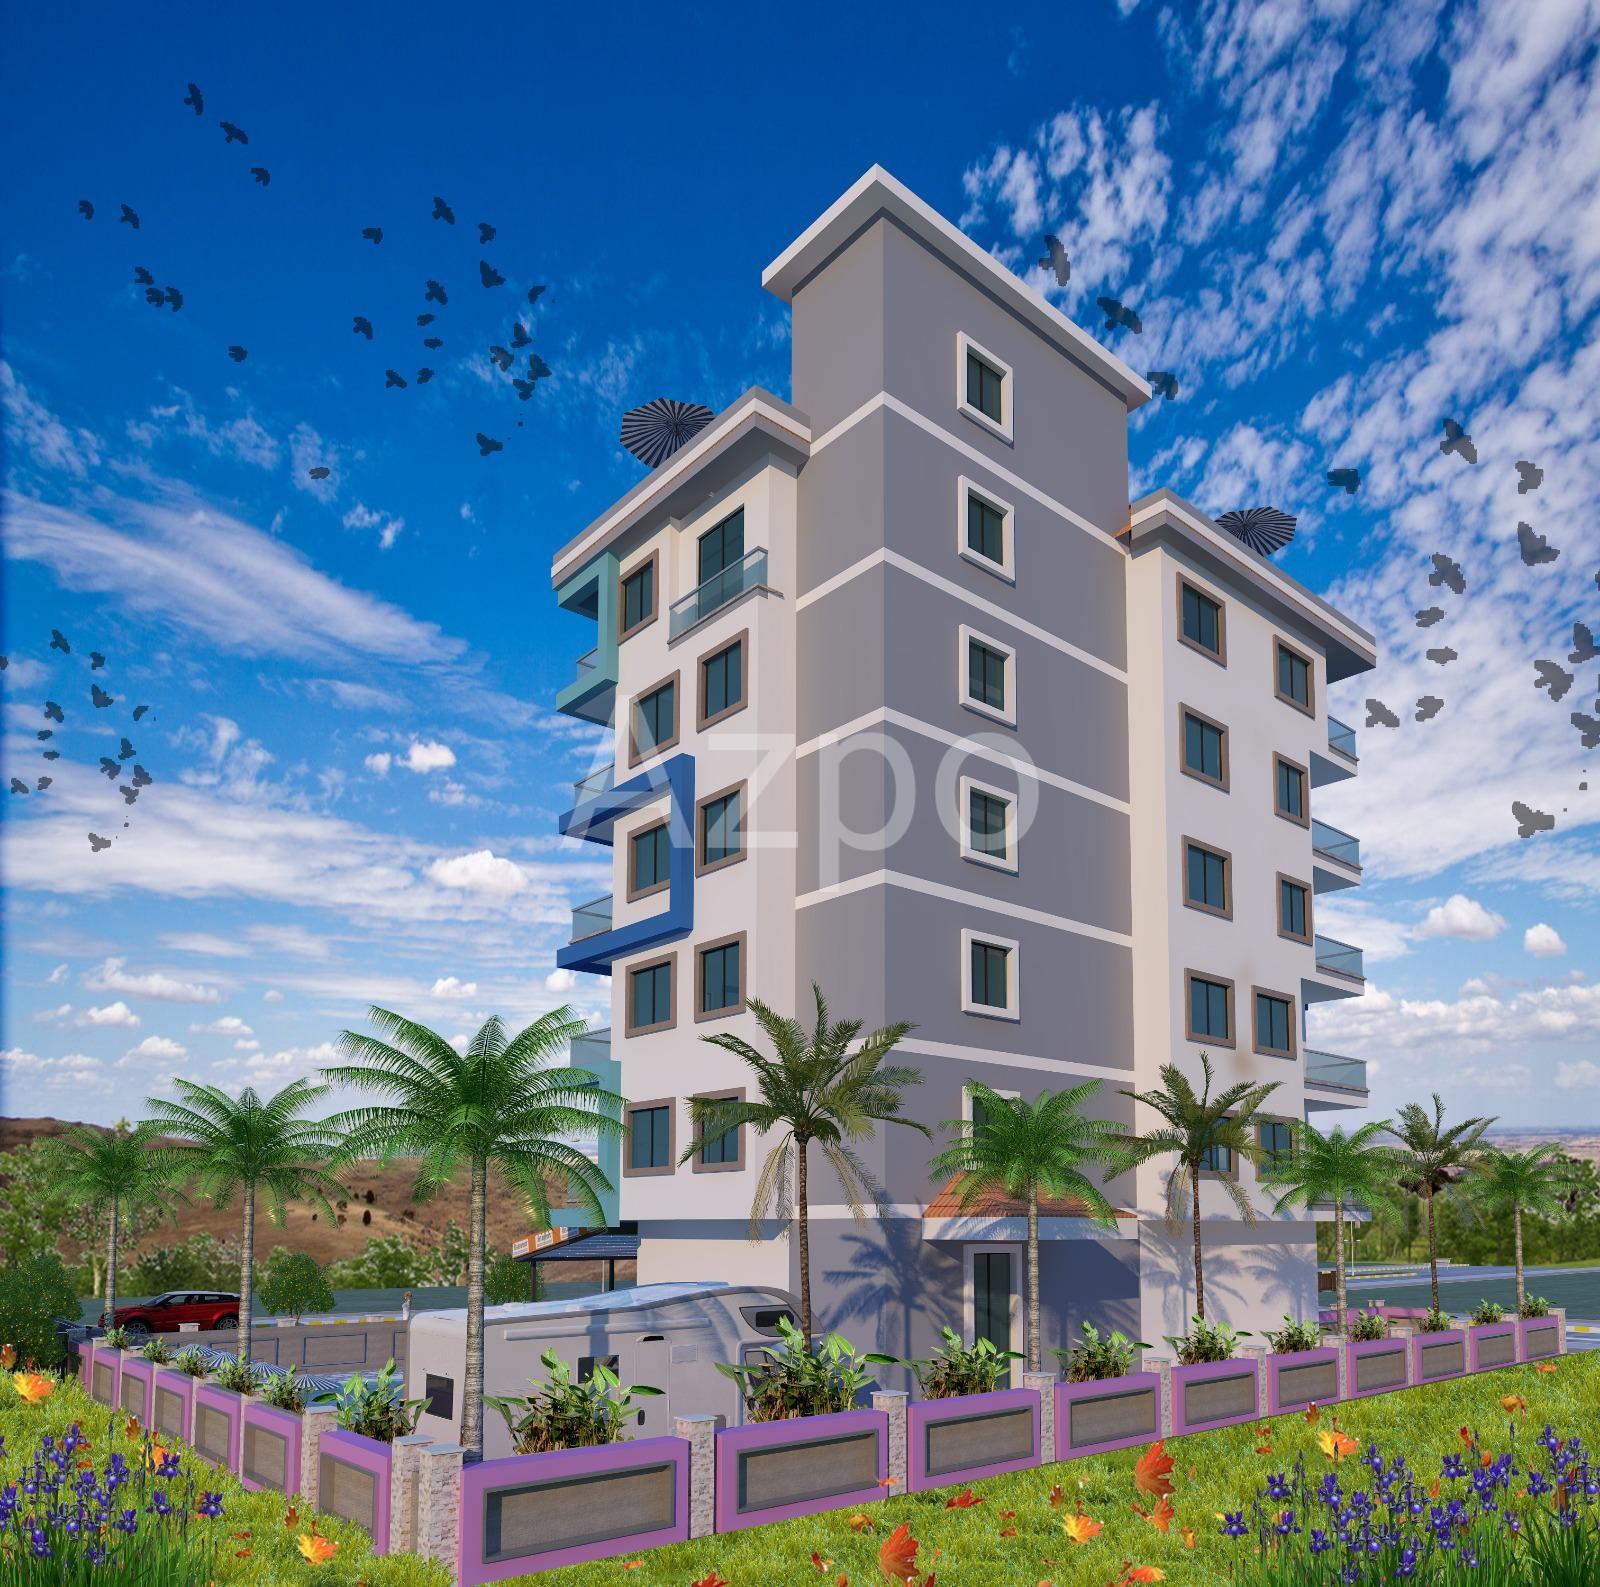 Квартиры в комплексе по привлекательной цене - Фото 2